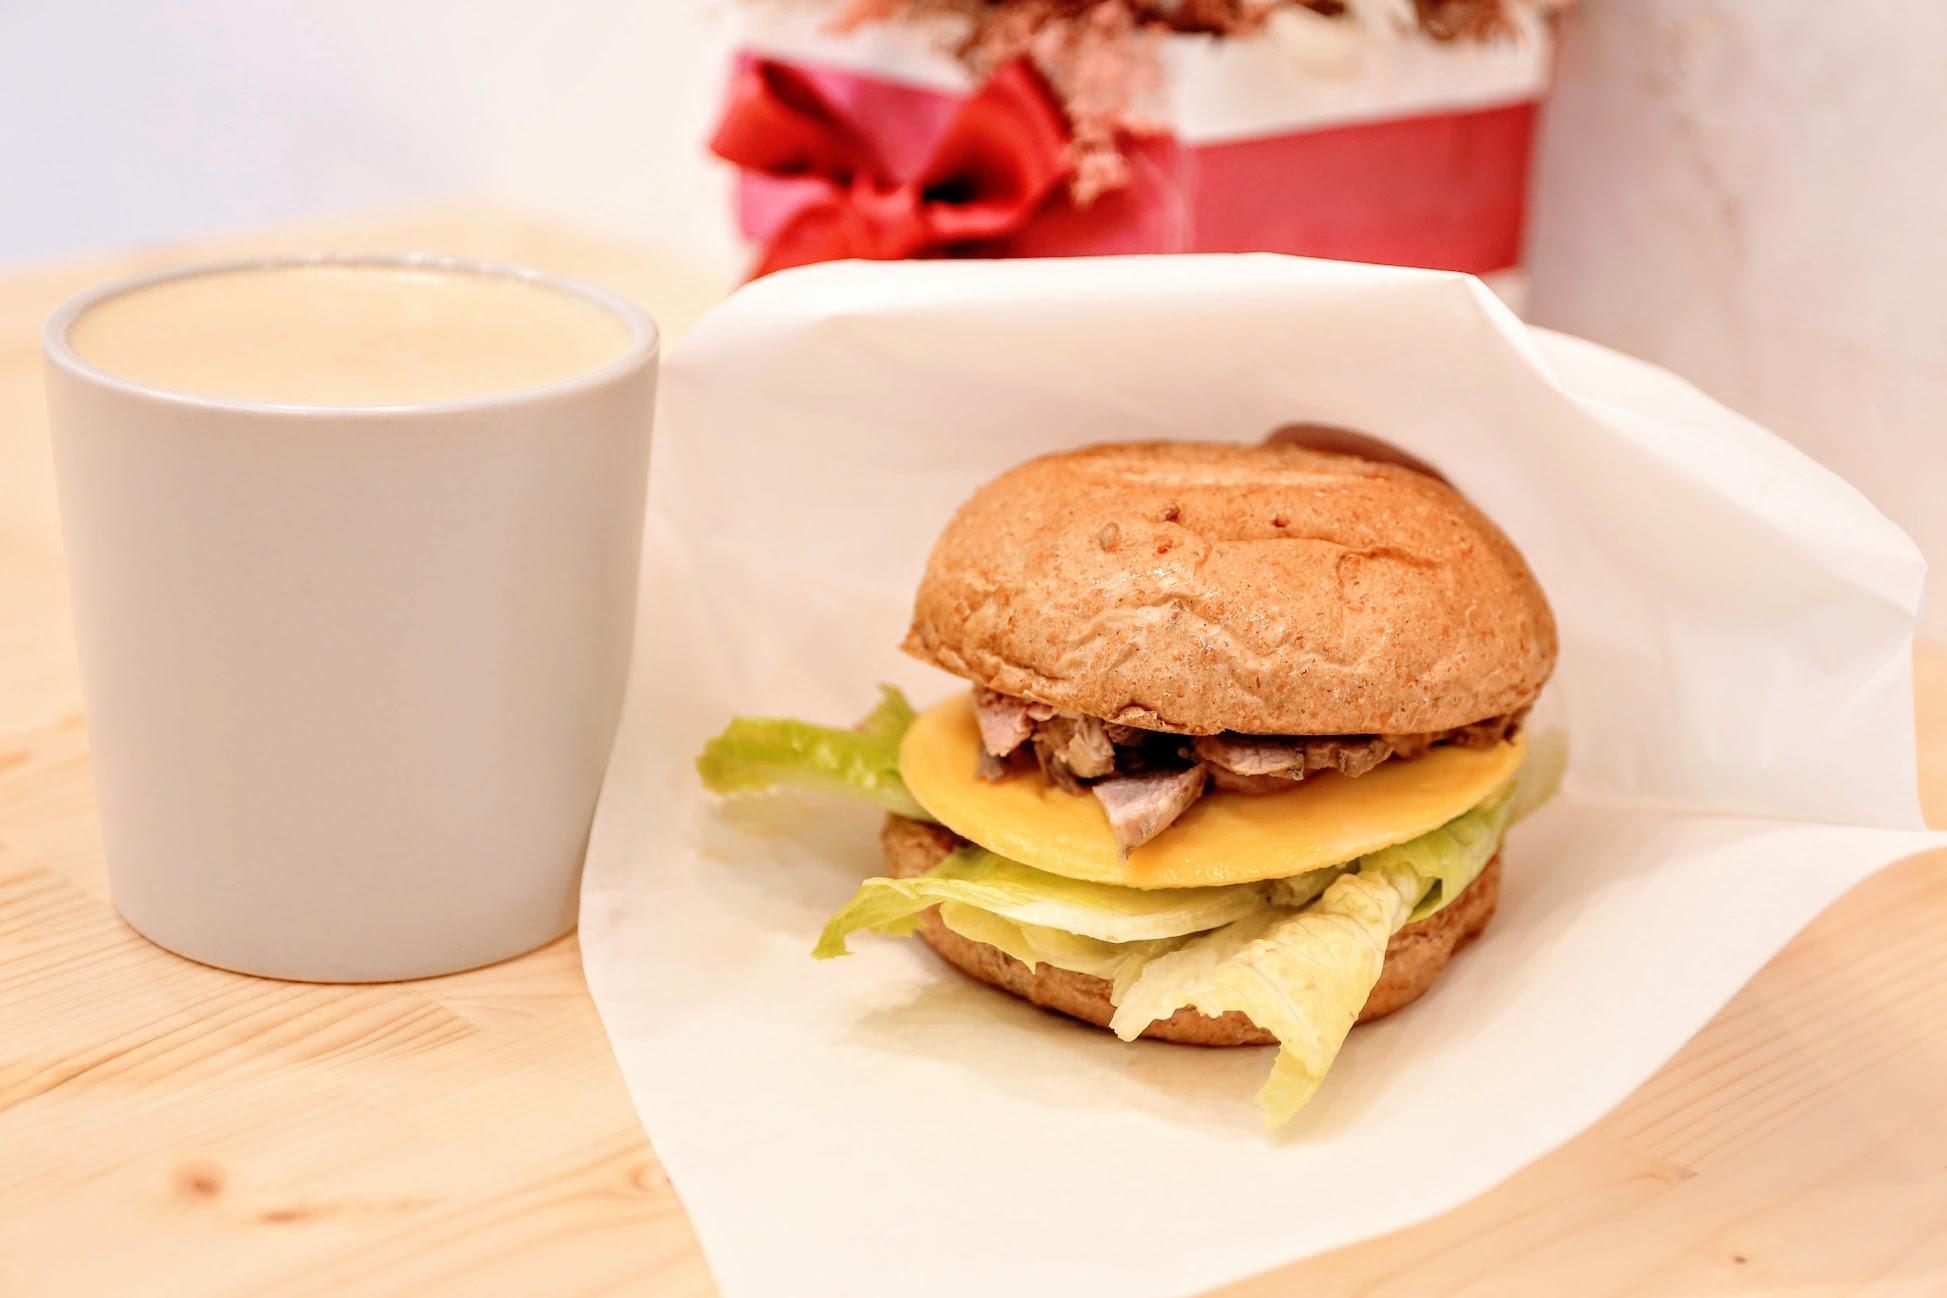 咖啡豬雜糧三明治,外皮是漢堡,但是用高纖雜糧/黑糖等料去處理的,麵包鬆軟鬆軟,也吃得到雜糧的顆粒喔